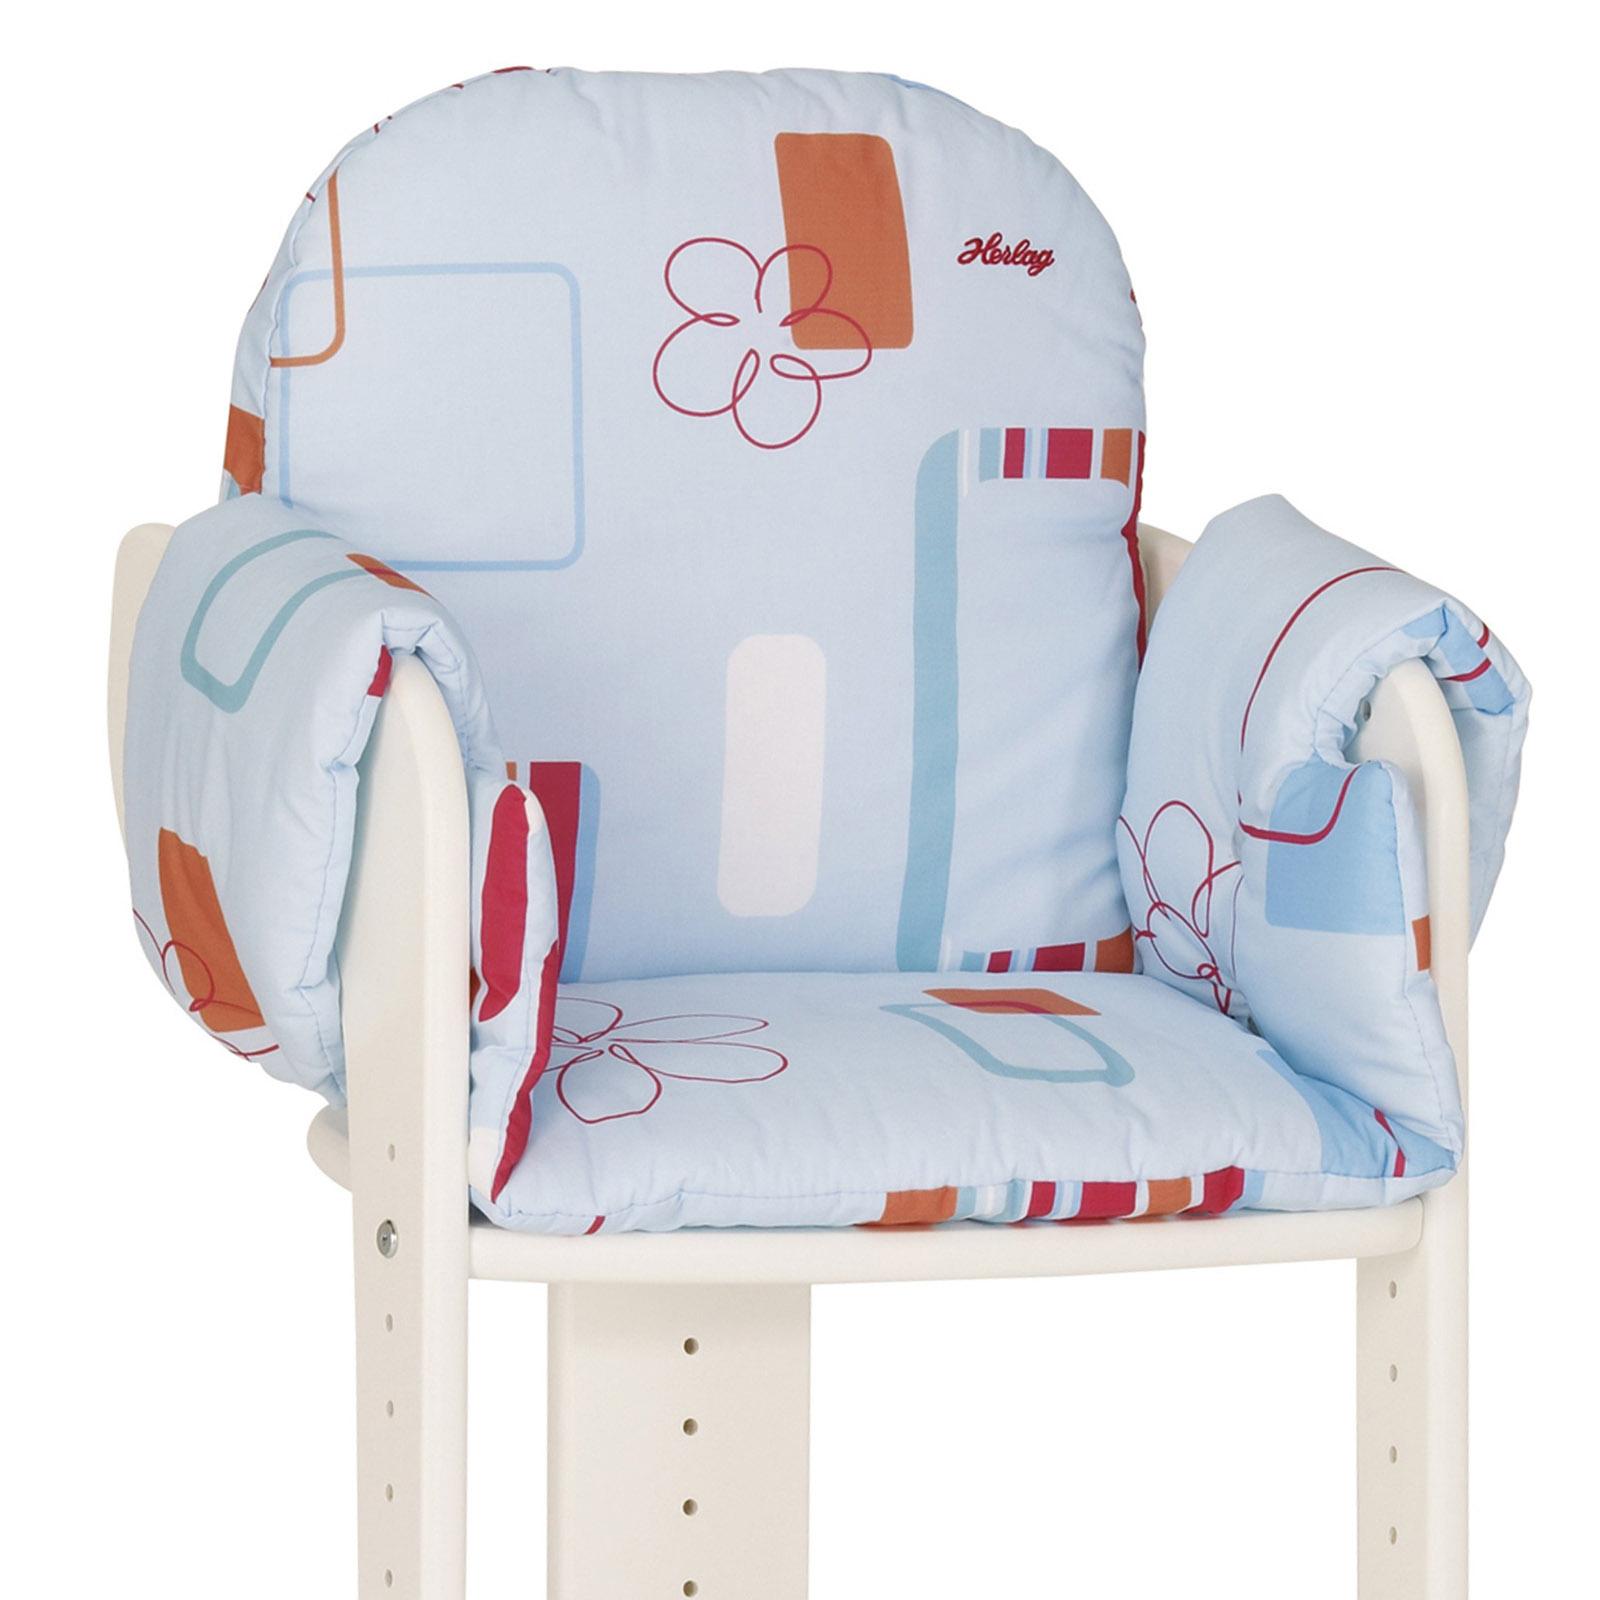 Подушка для стульчика Kettler C цветочным мотивом